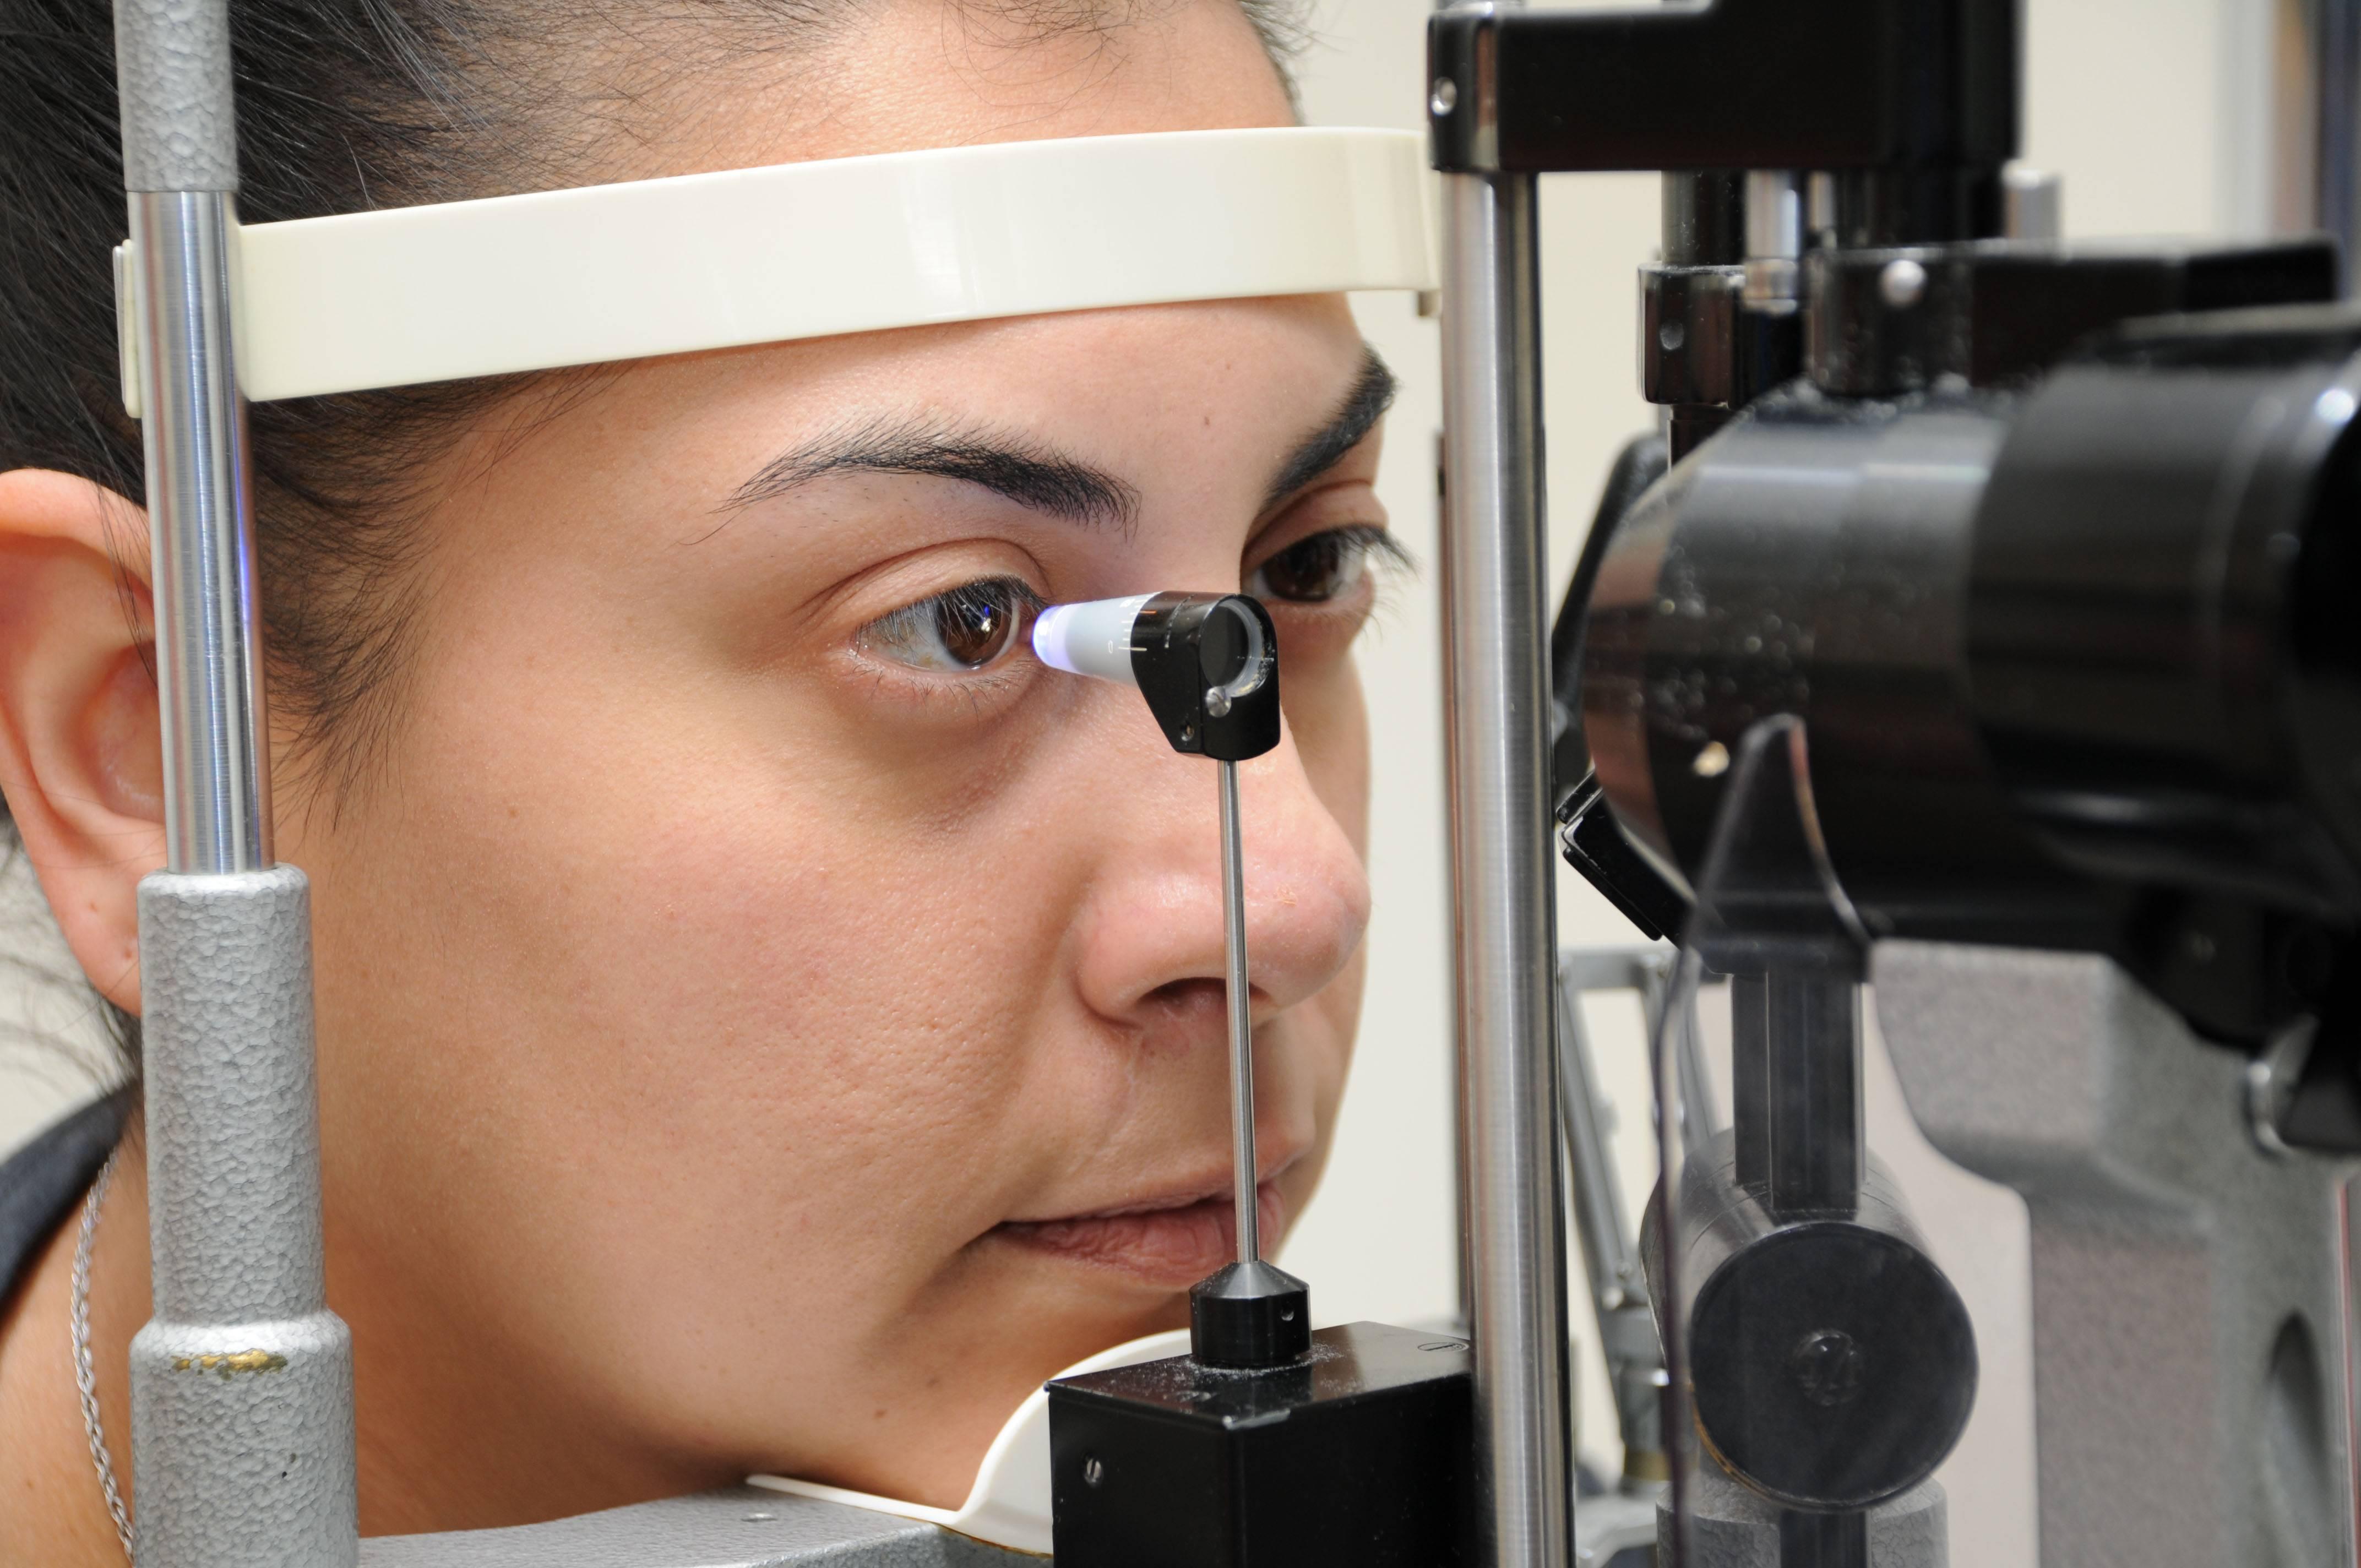 """Измерение внутриглазного давления по маклакову: алгоритм, показания и особенности - """"здоровое око"""""""